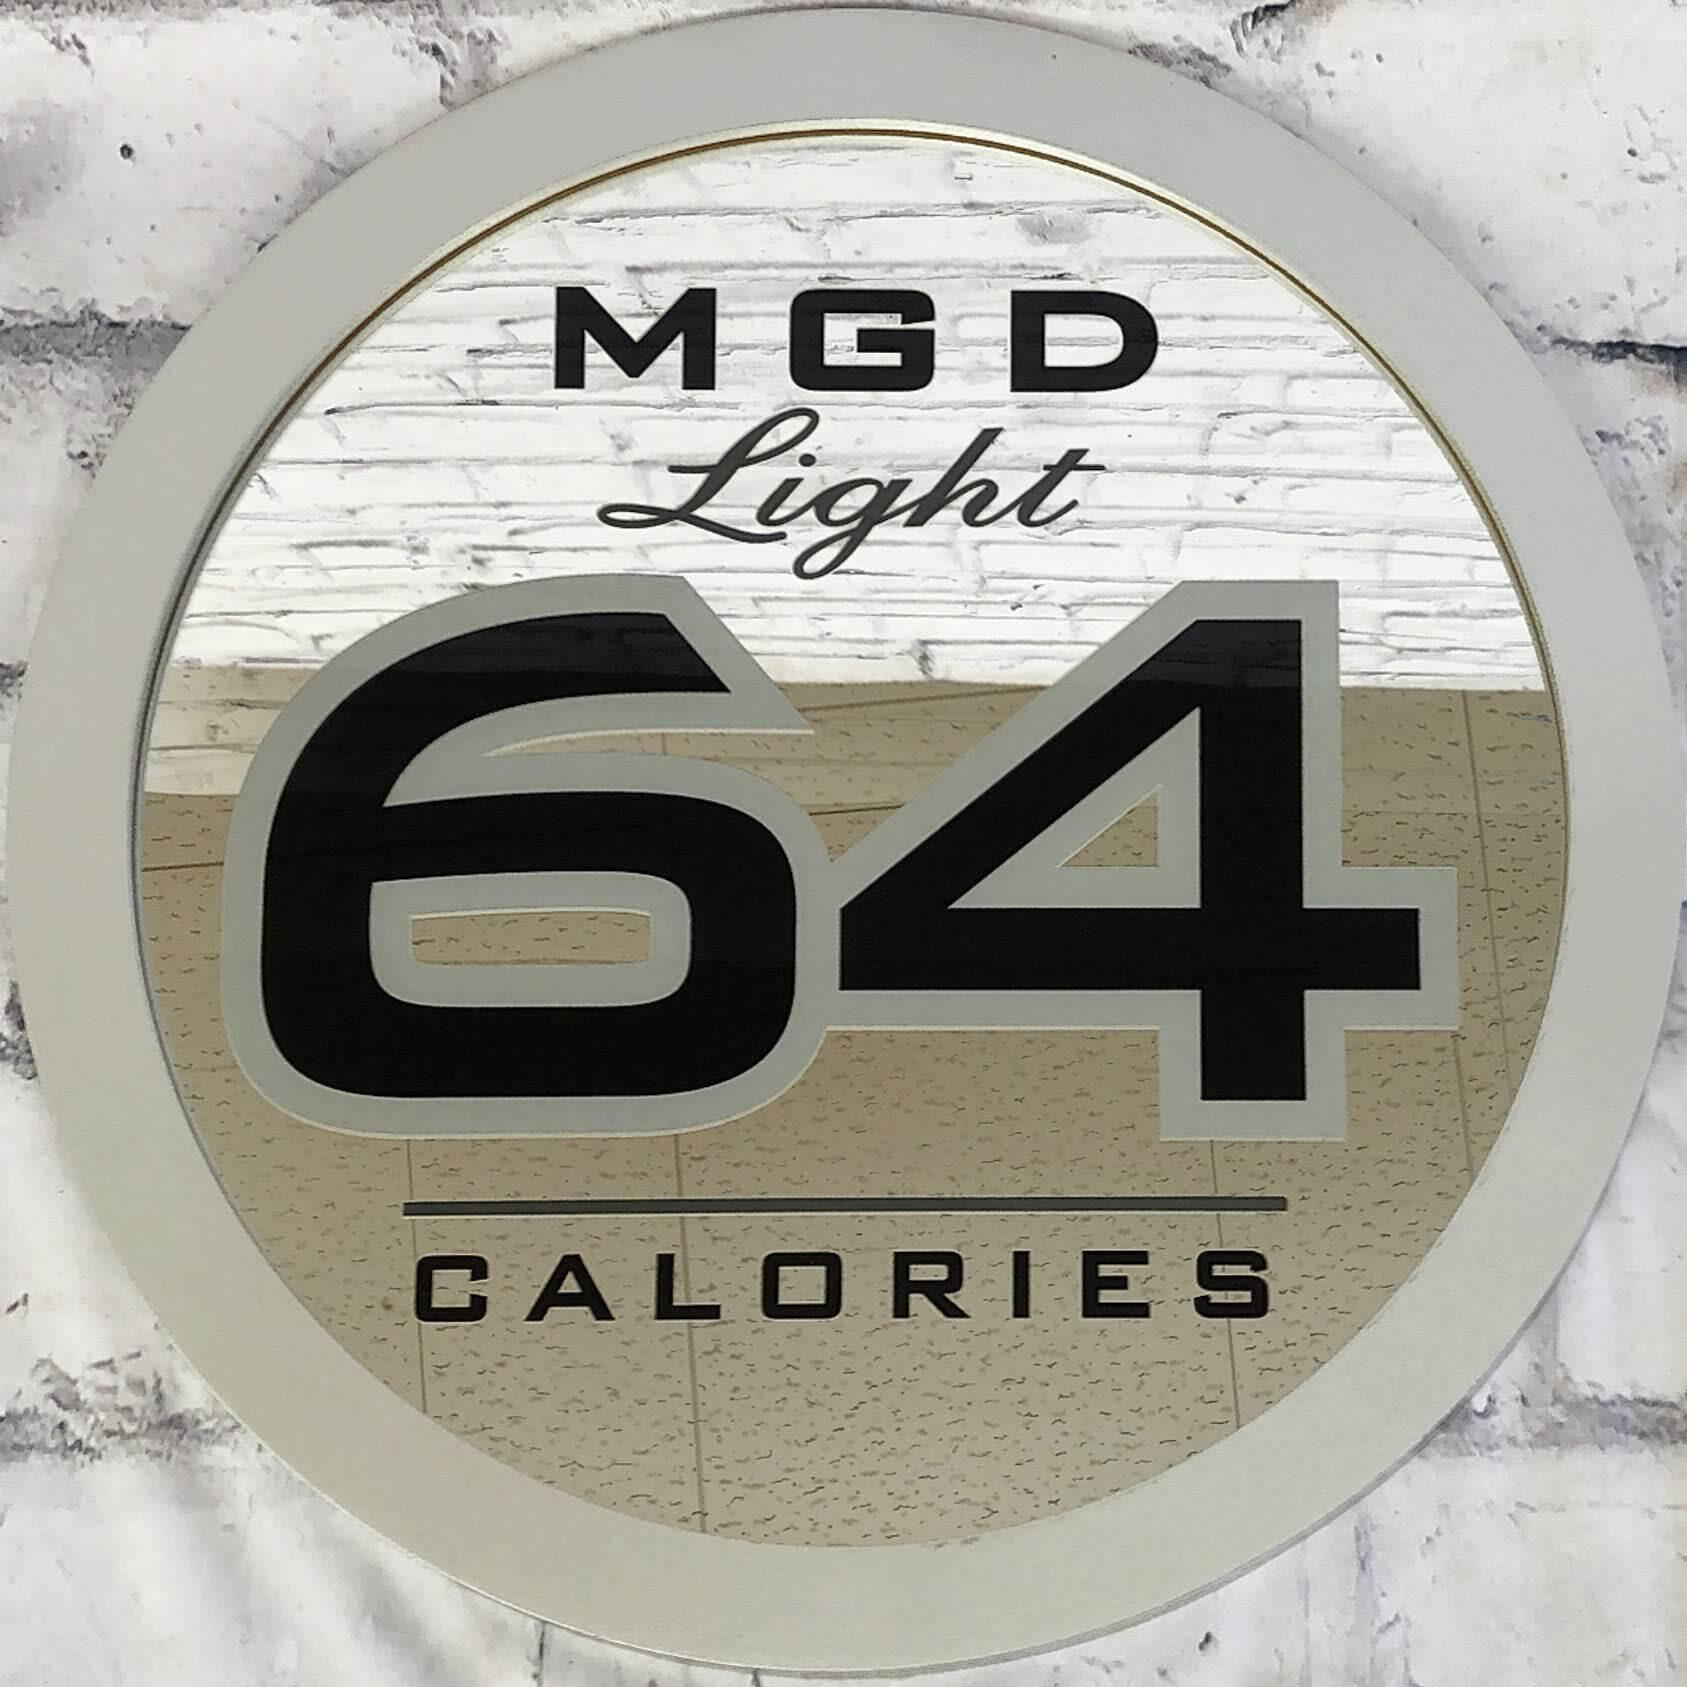 品番0026 パブミラー 『MGD light 64 CALORIES』 壁掛 アート ディスプレイ アメリカン雑貨